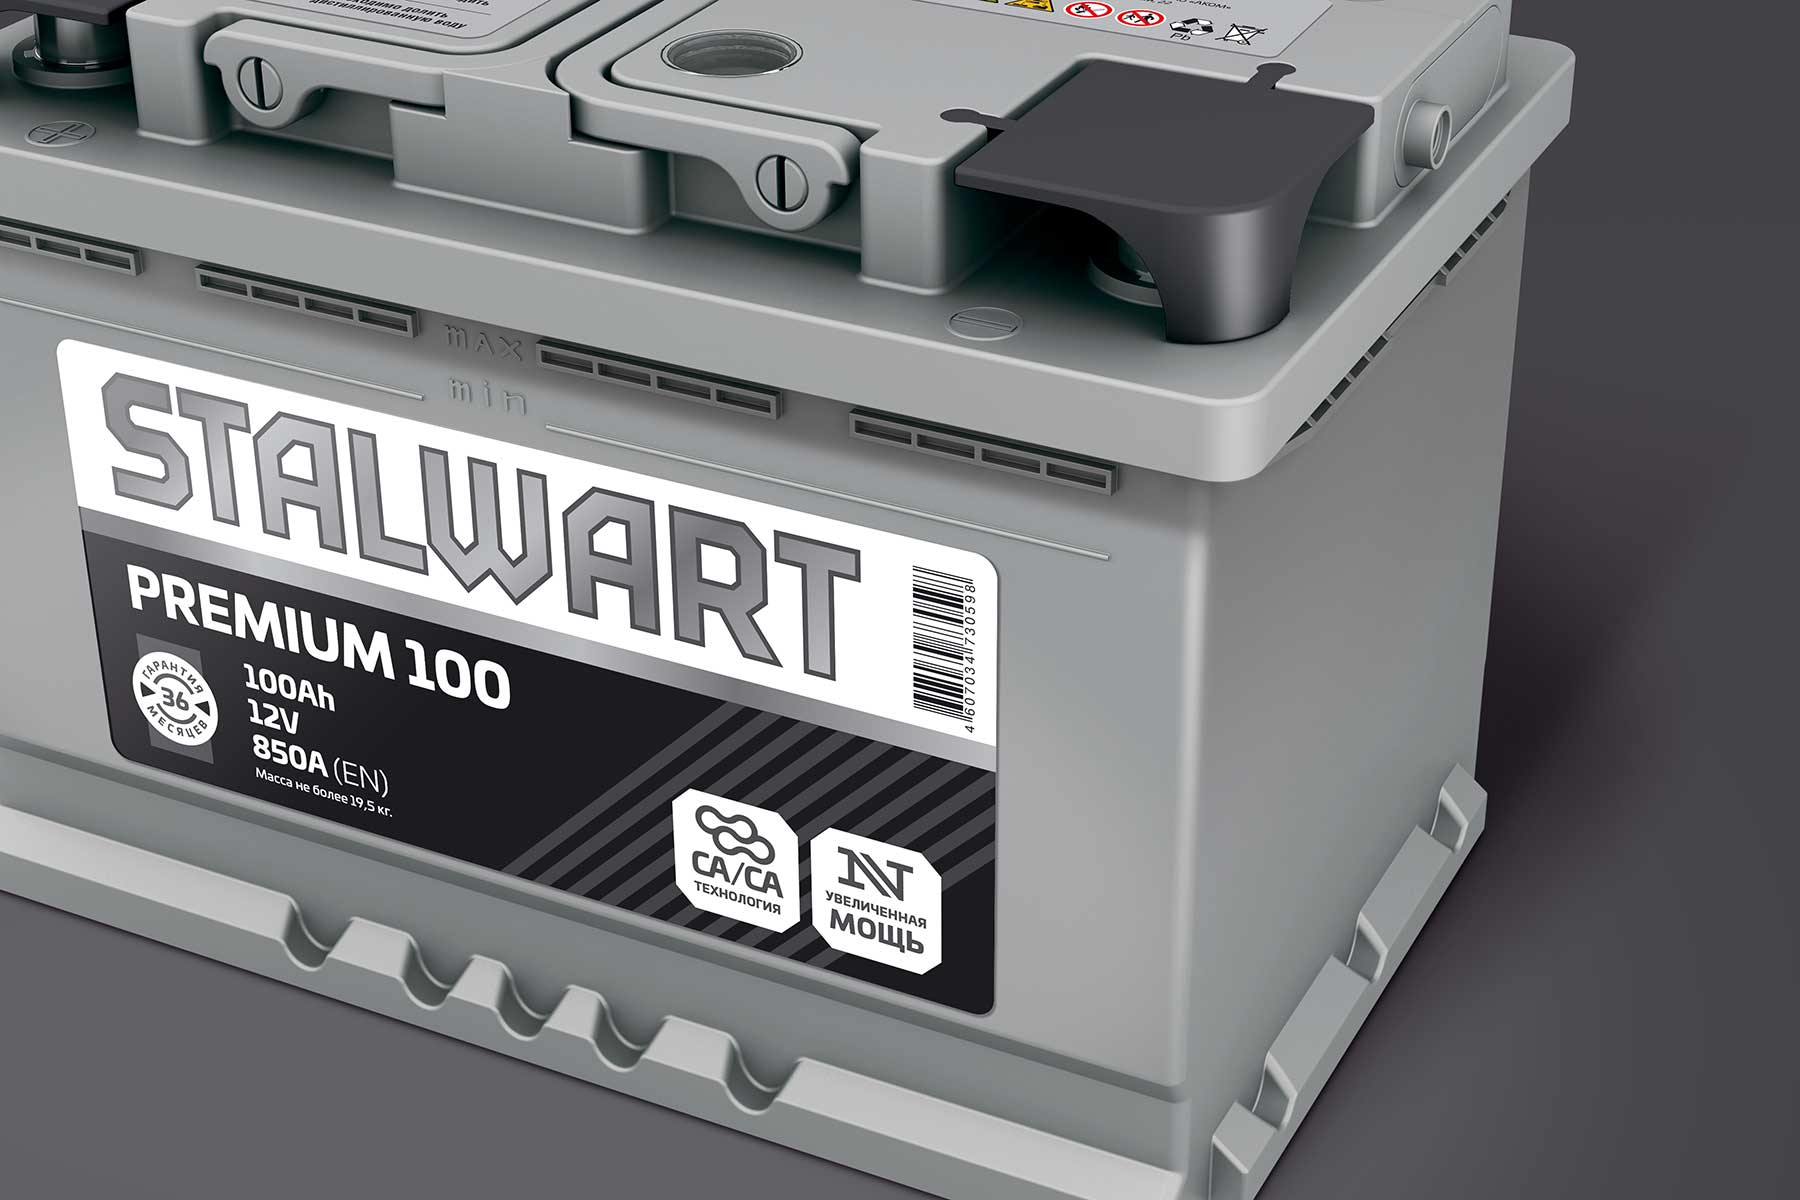 Stalwart-2-Premium-Top.jpg